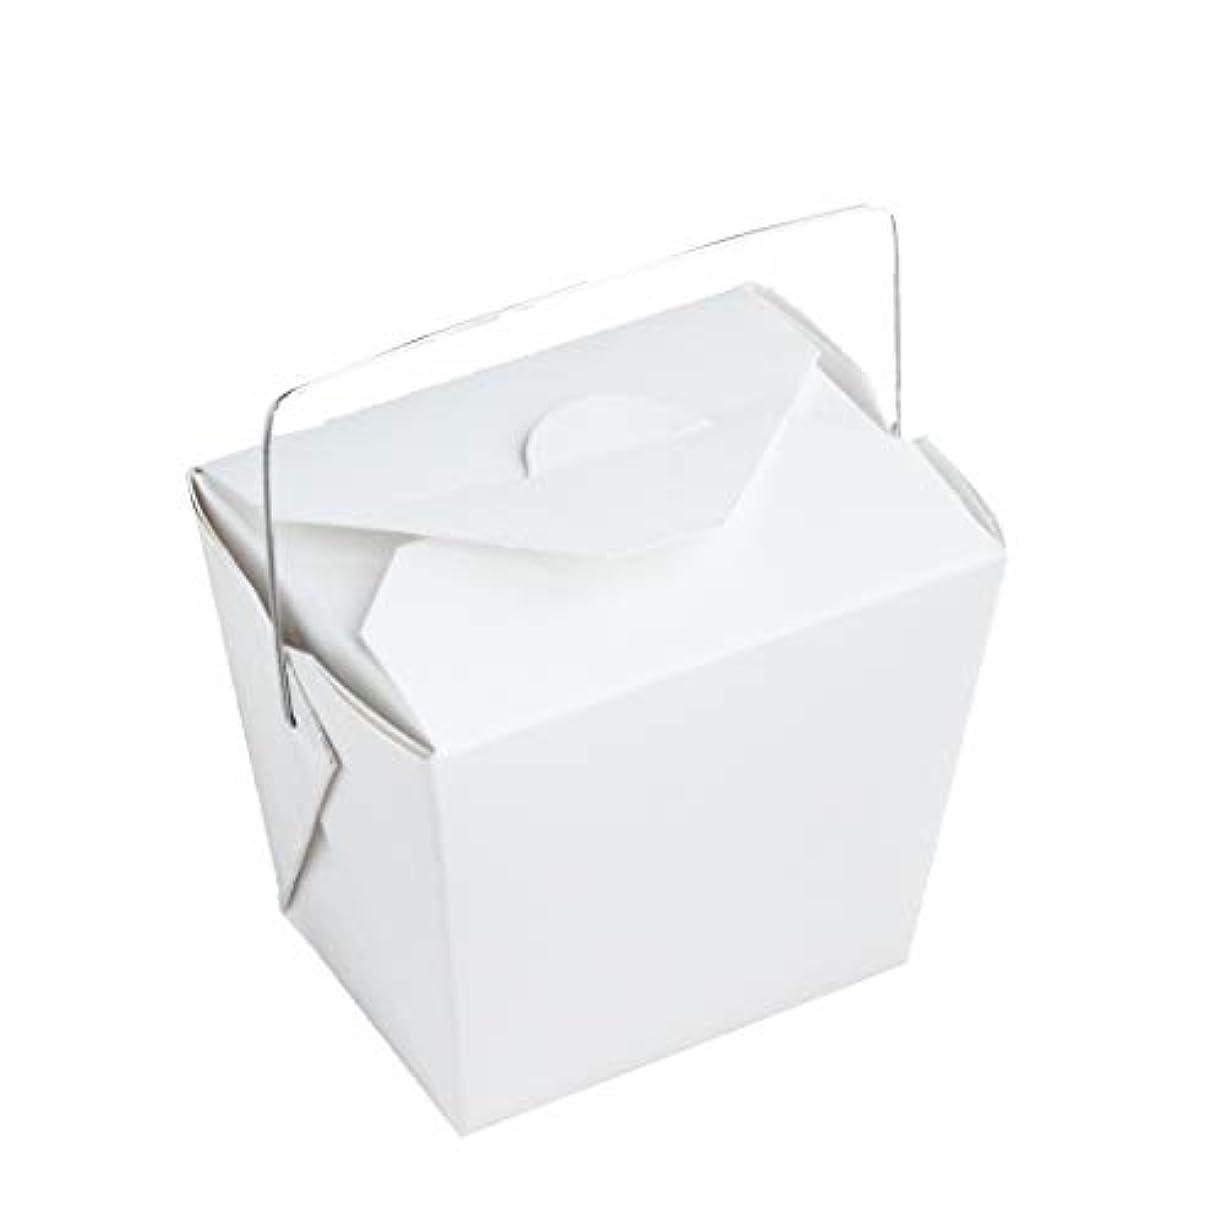 ラフレシアアルノルディ子猫イヤホン手作り石けん用 ワイヤー取っ手付きホワイトペーパー型 10個